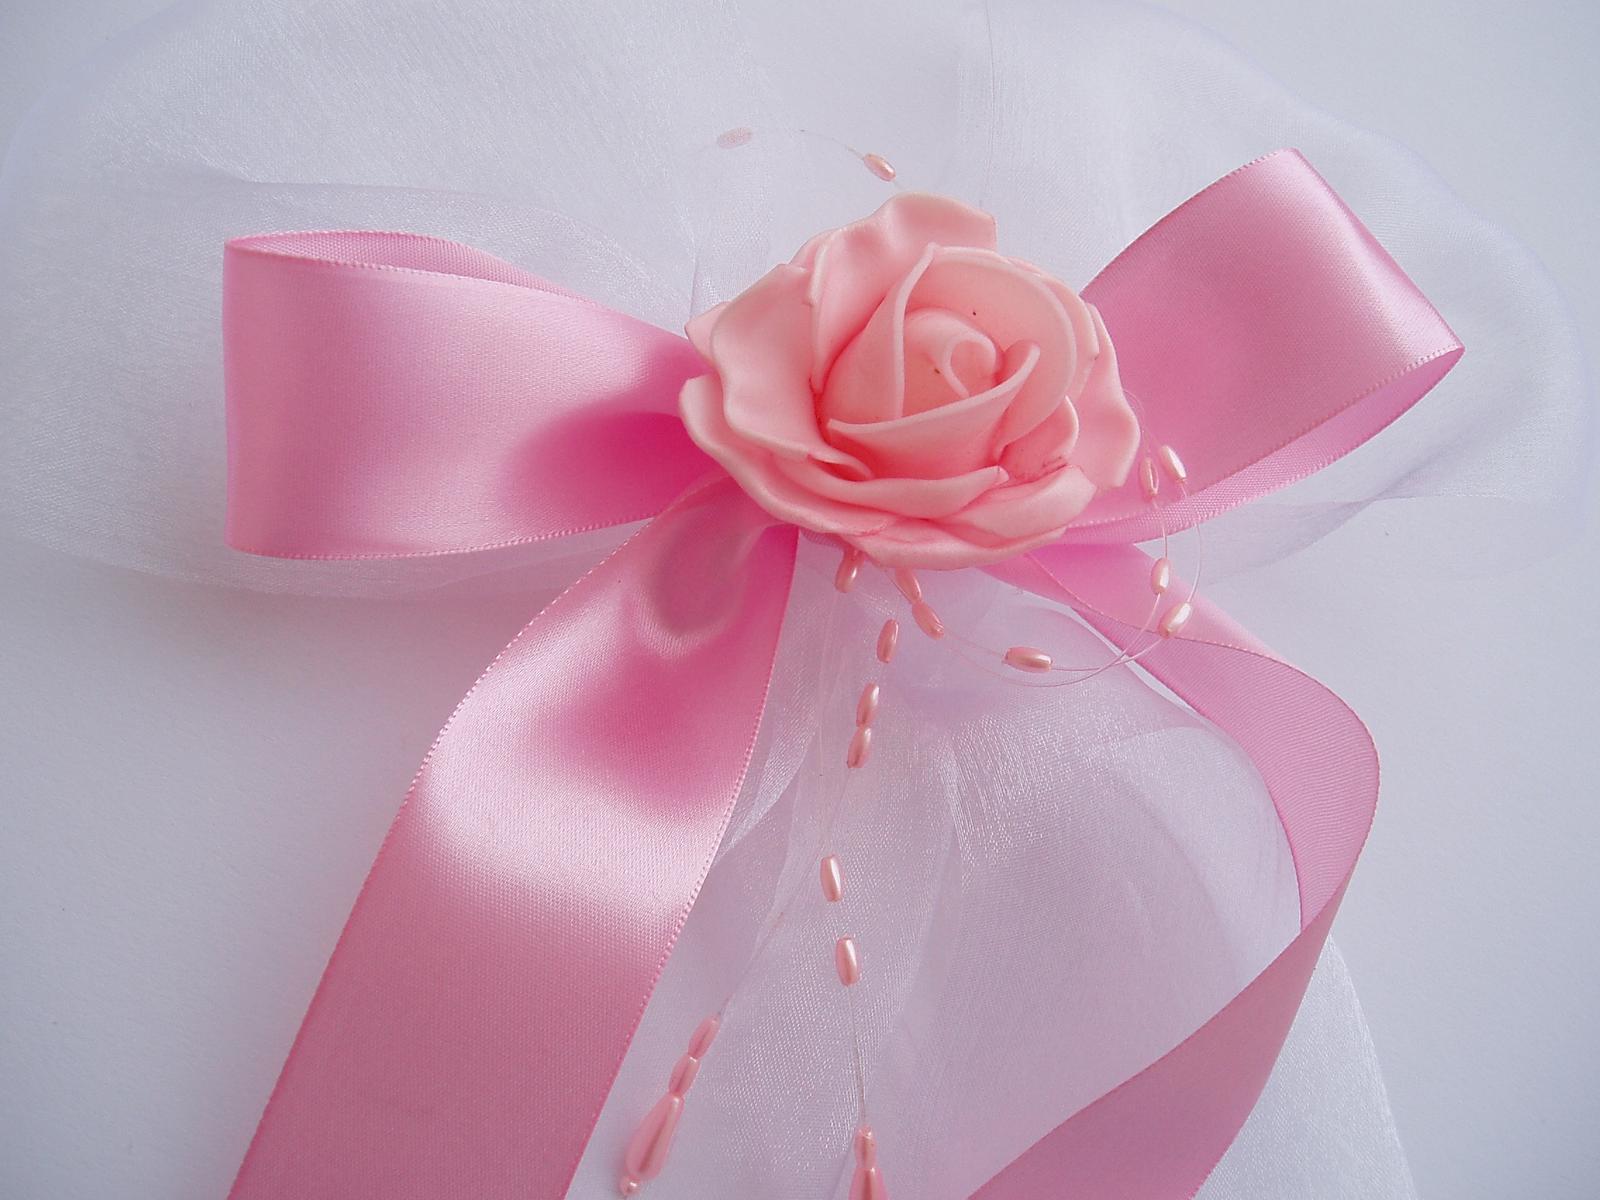 mašle na auto-růžová - Obrázek č. 1